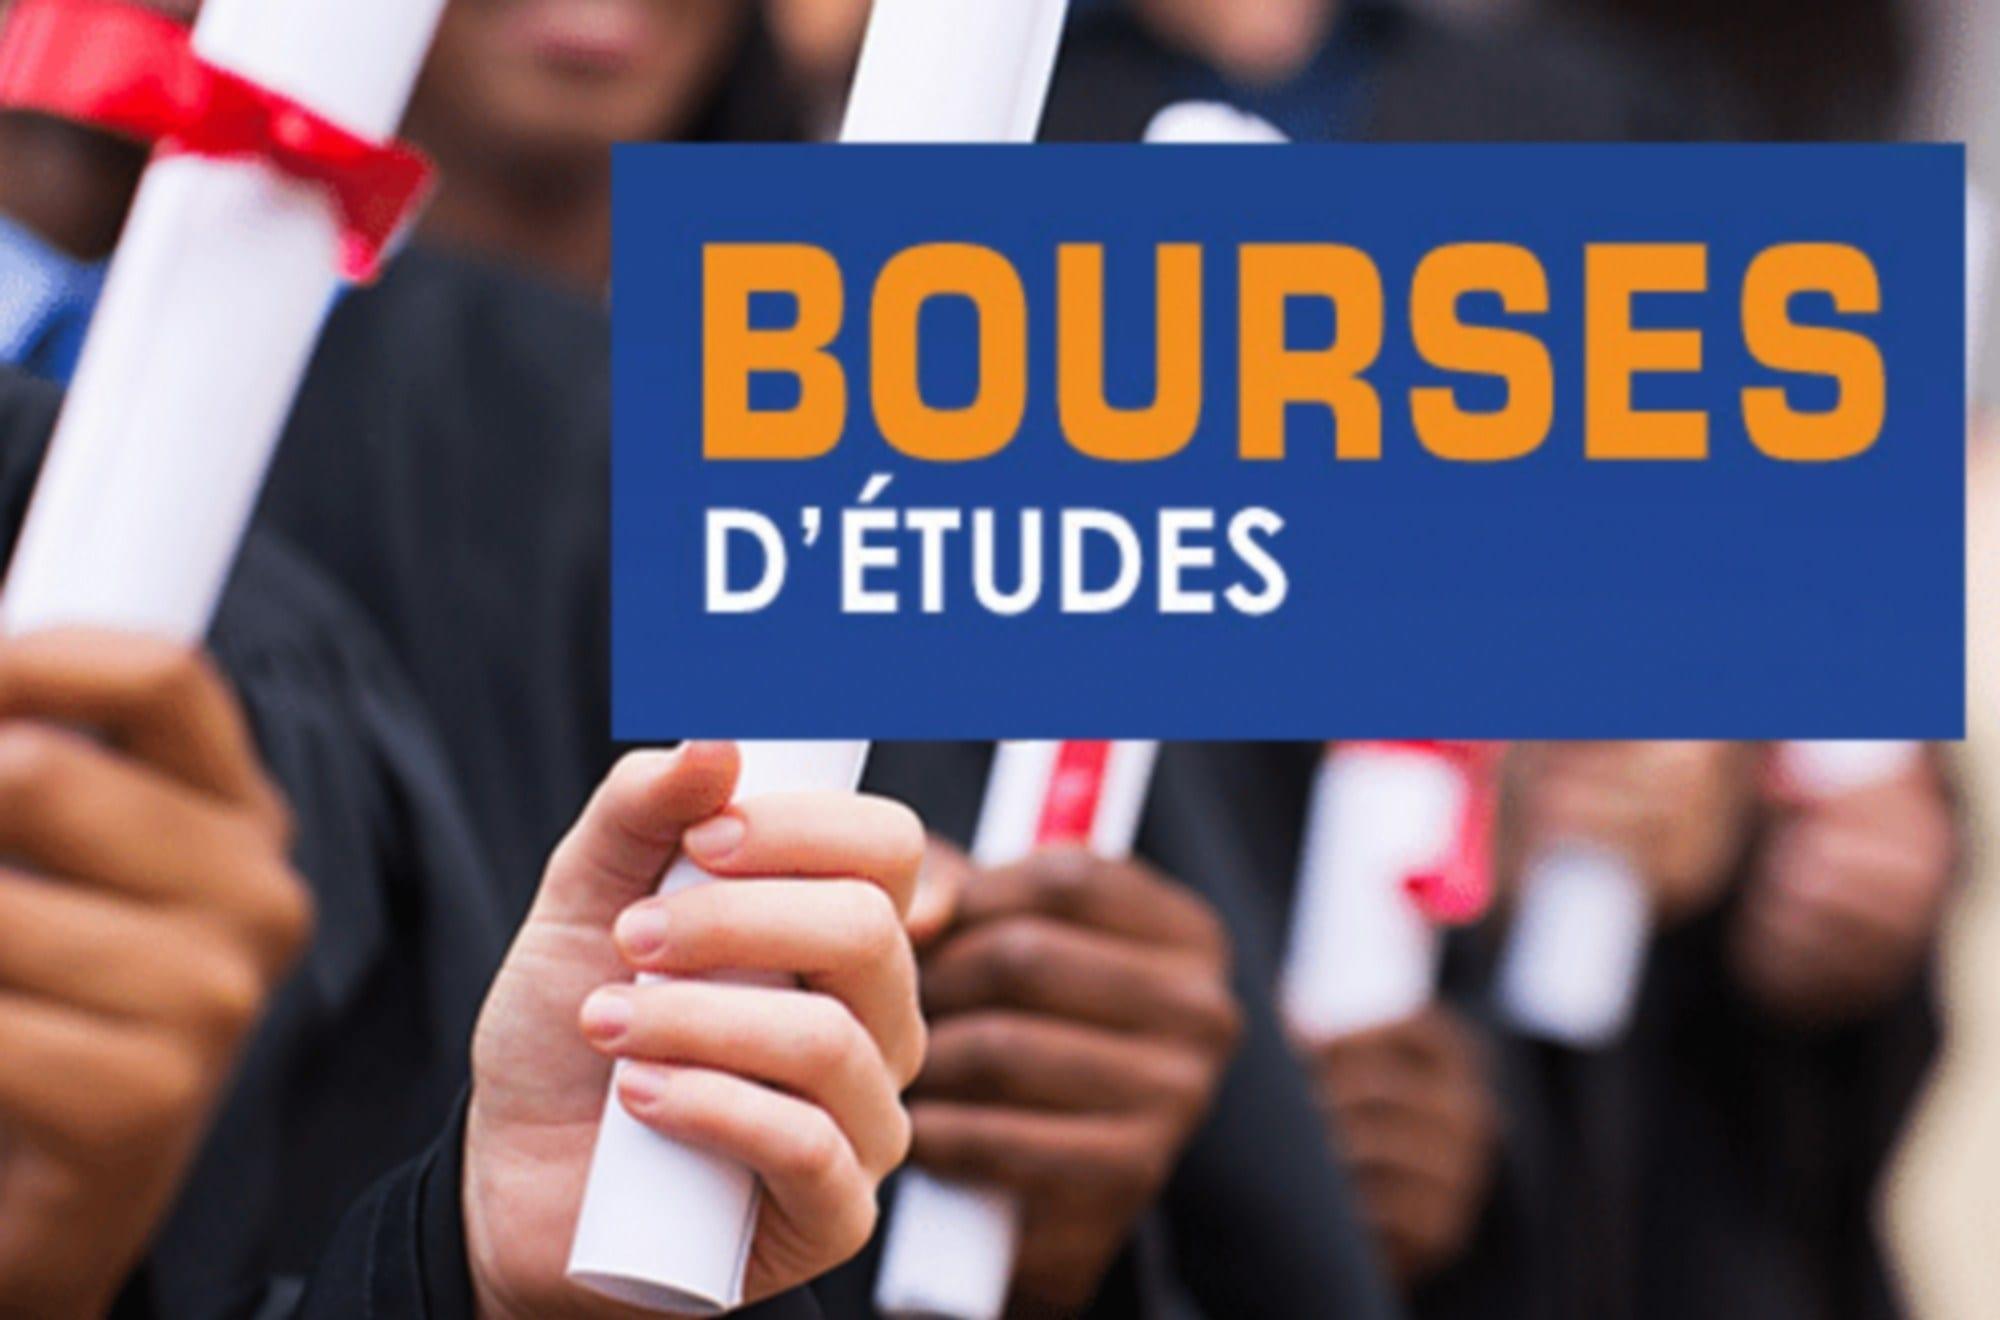 Bourses d'exemption UdeM de l'Université de Montréal pour étudiants internationaux